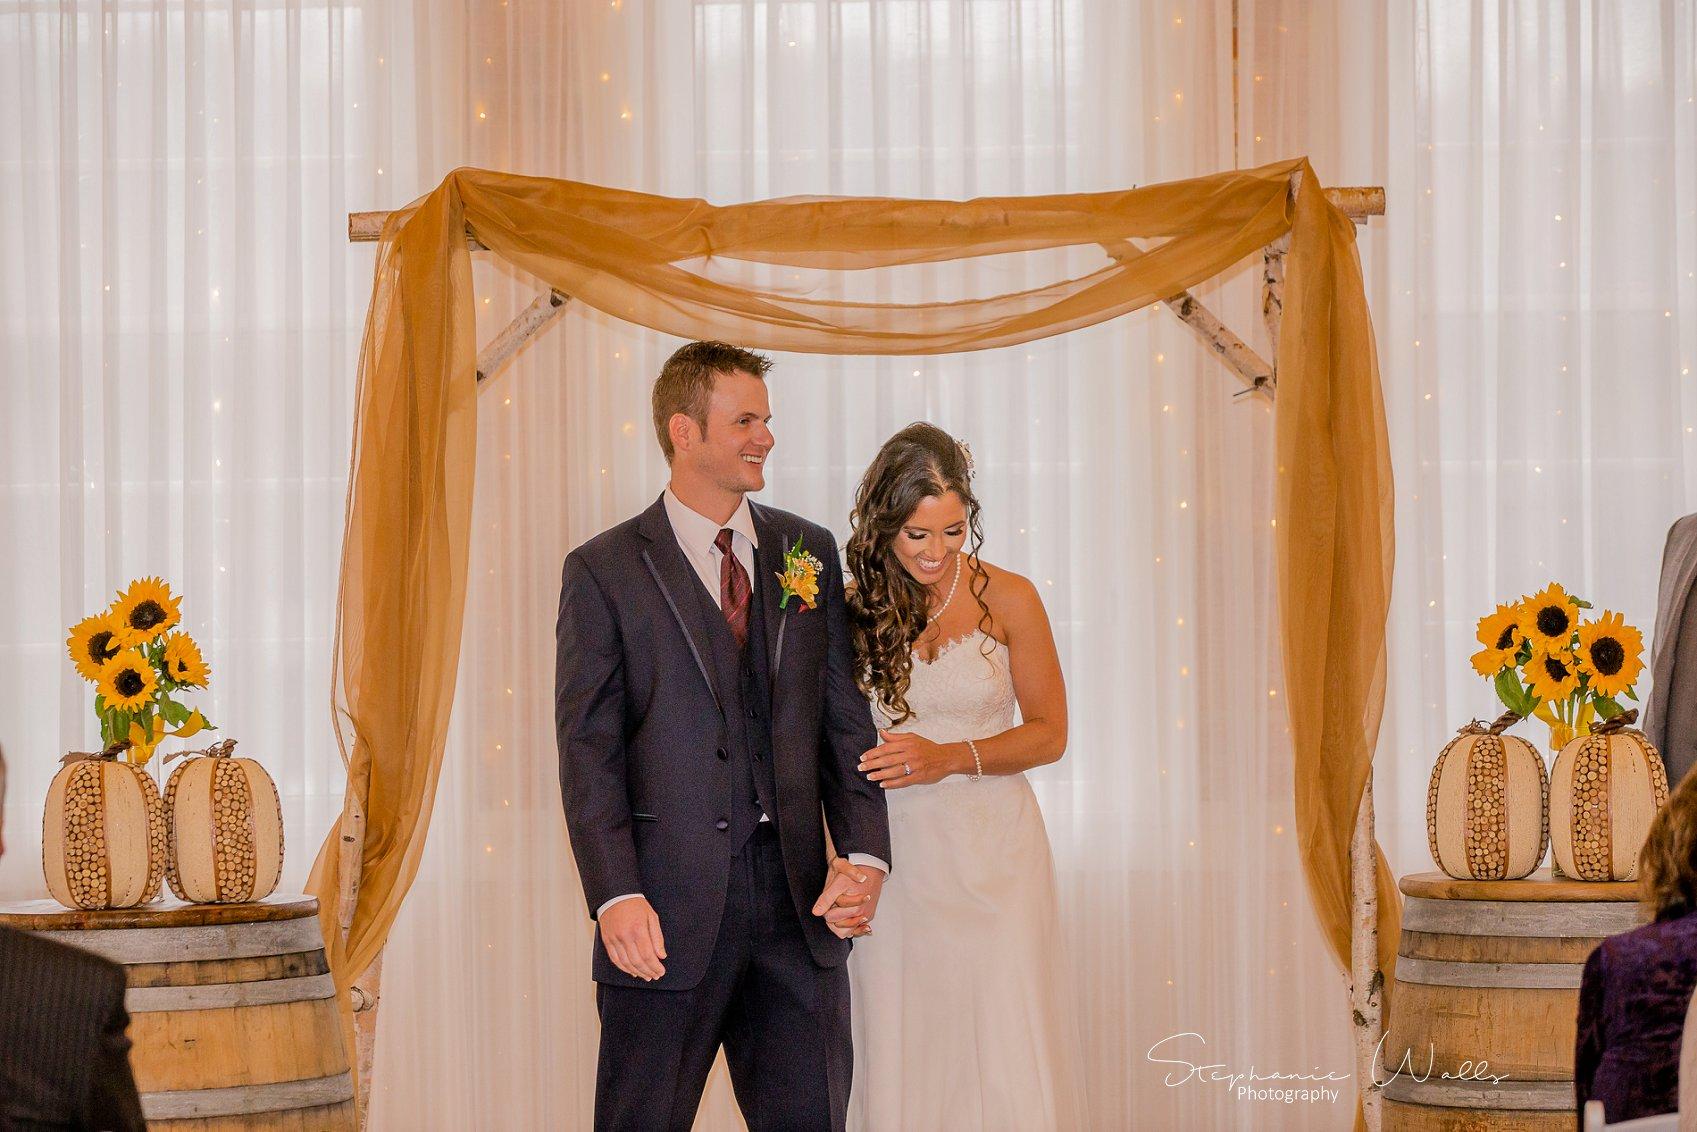 Ceremony 120 KK & Zack | Hollywood Schoolhouse Wedding | Woodinville, Wa Wedding Photographer